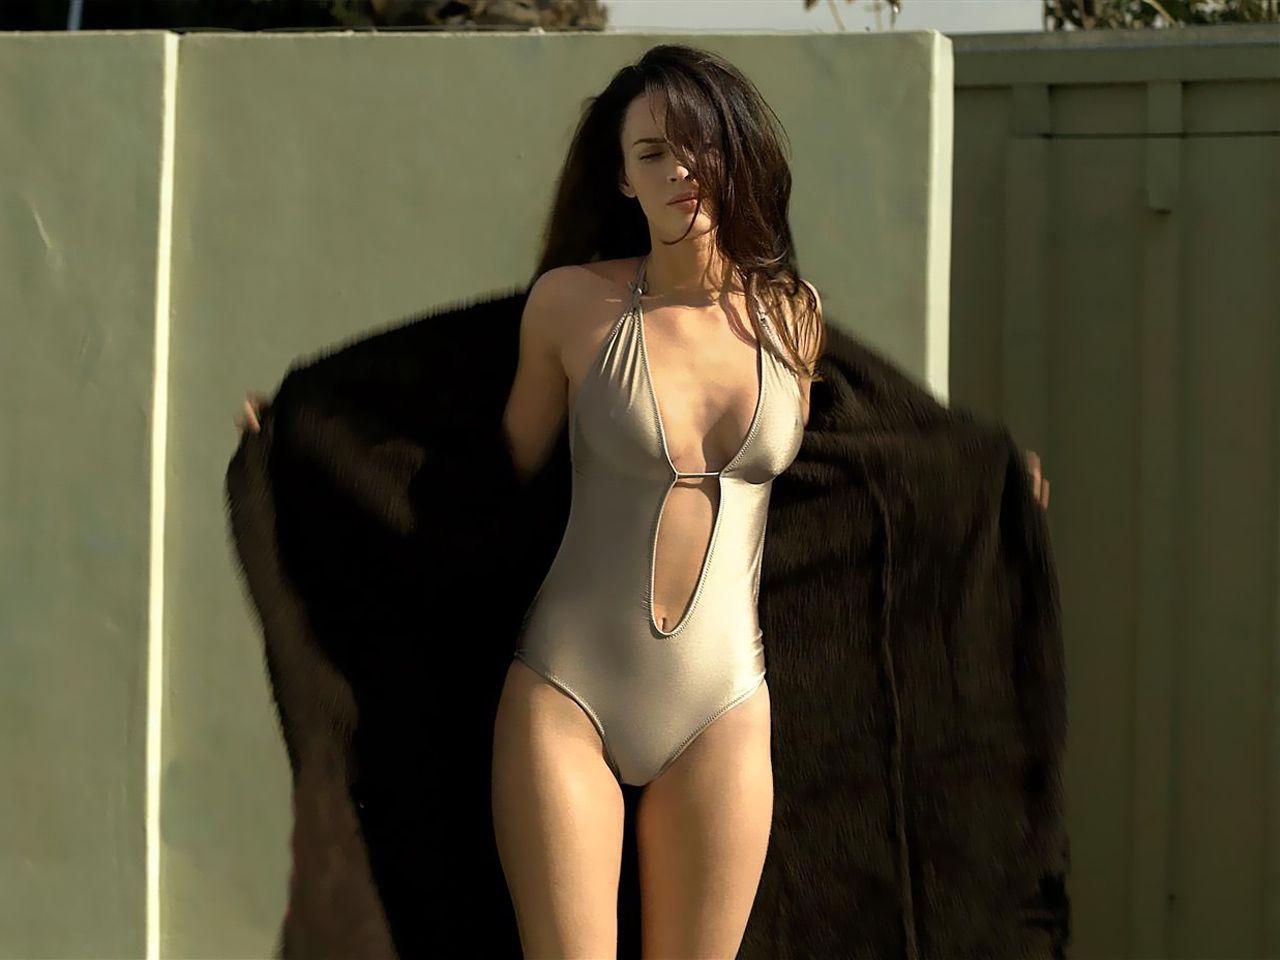 Meagan Fox Sex Videos